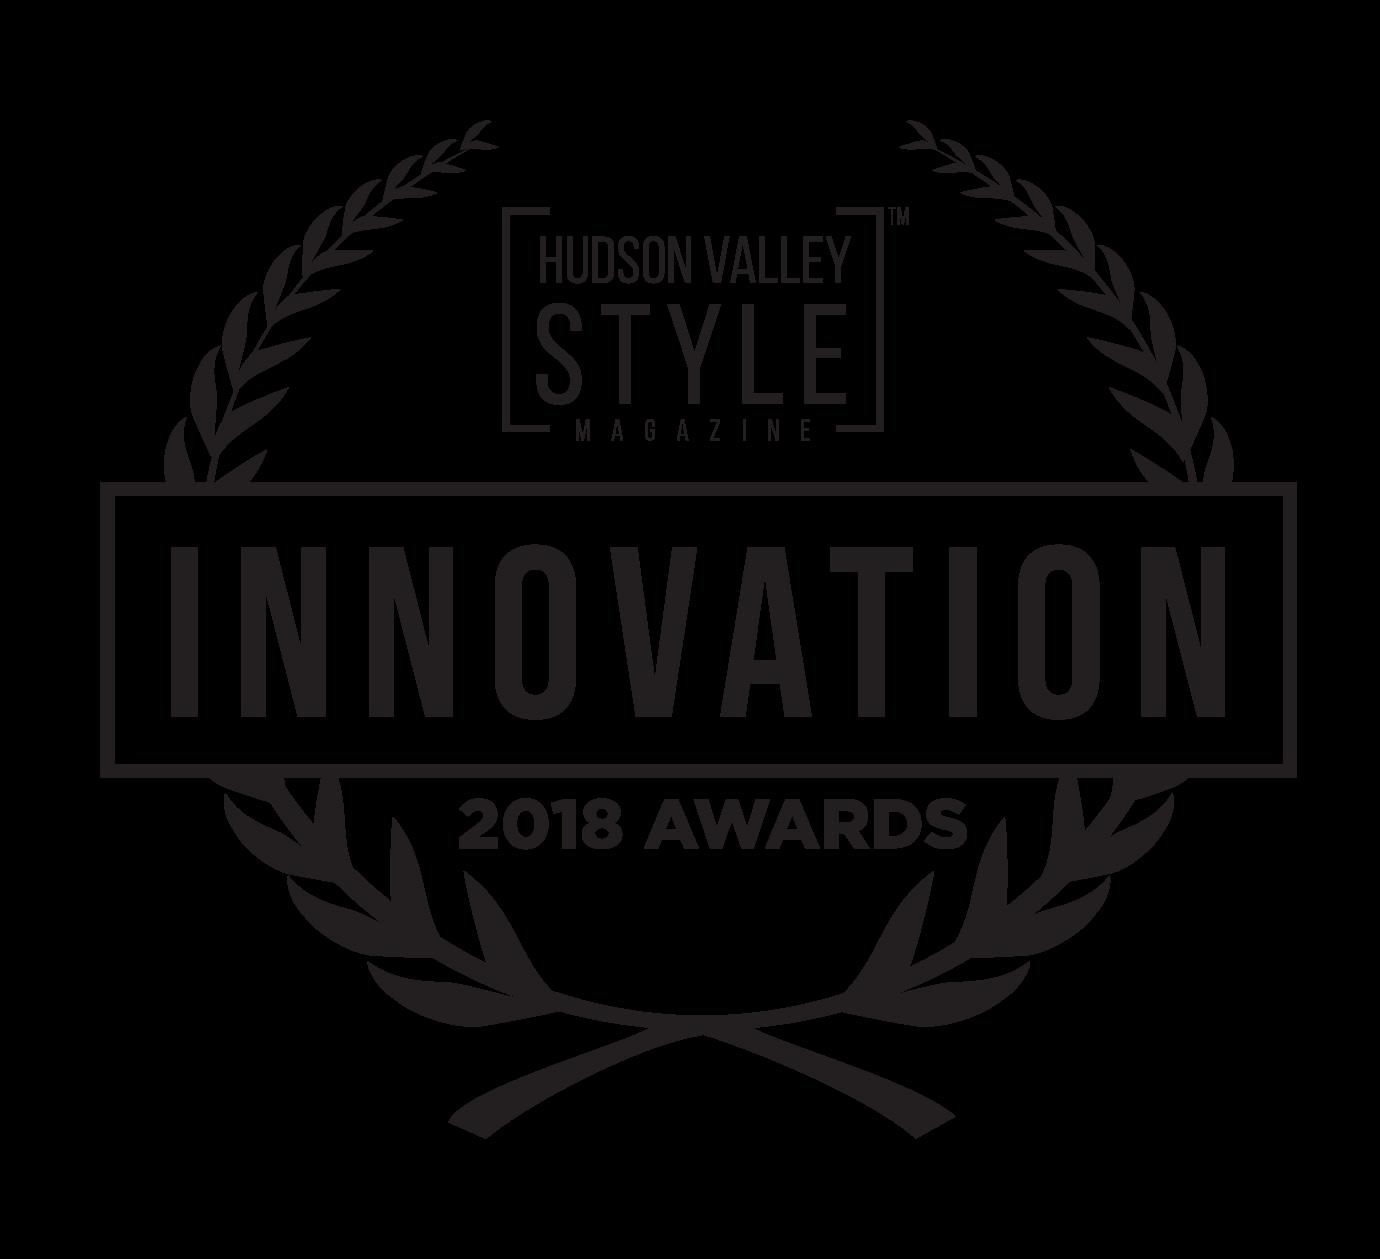 Hudson Valley Style Magazine Awards: Innovation